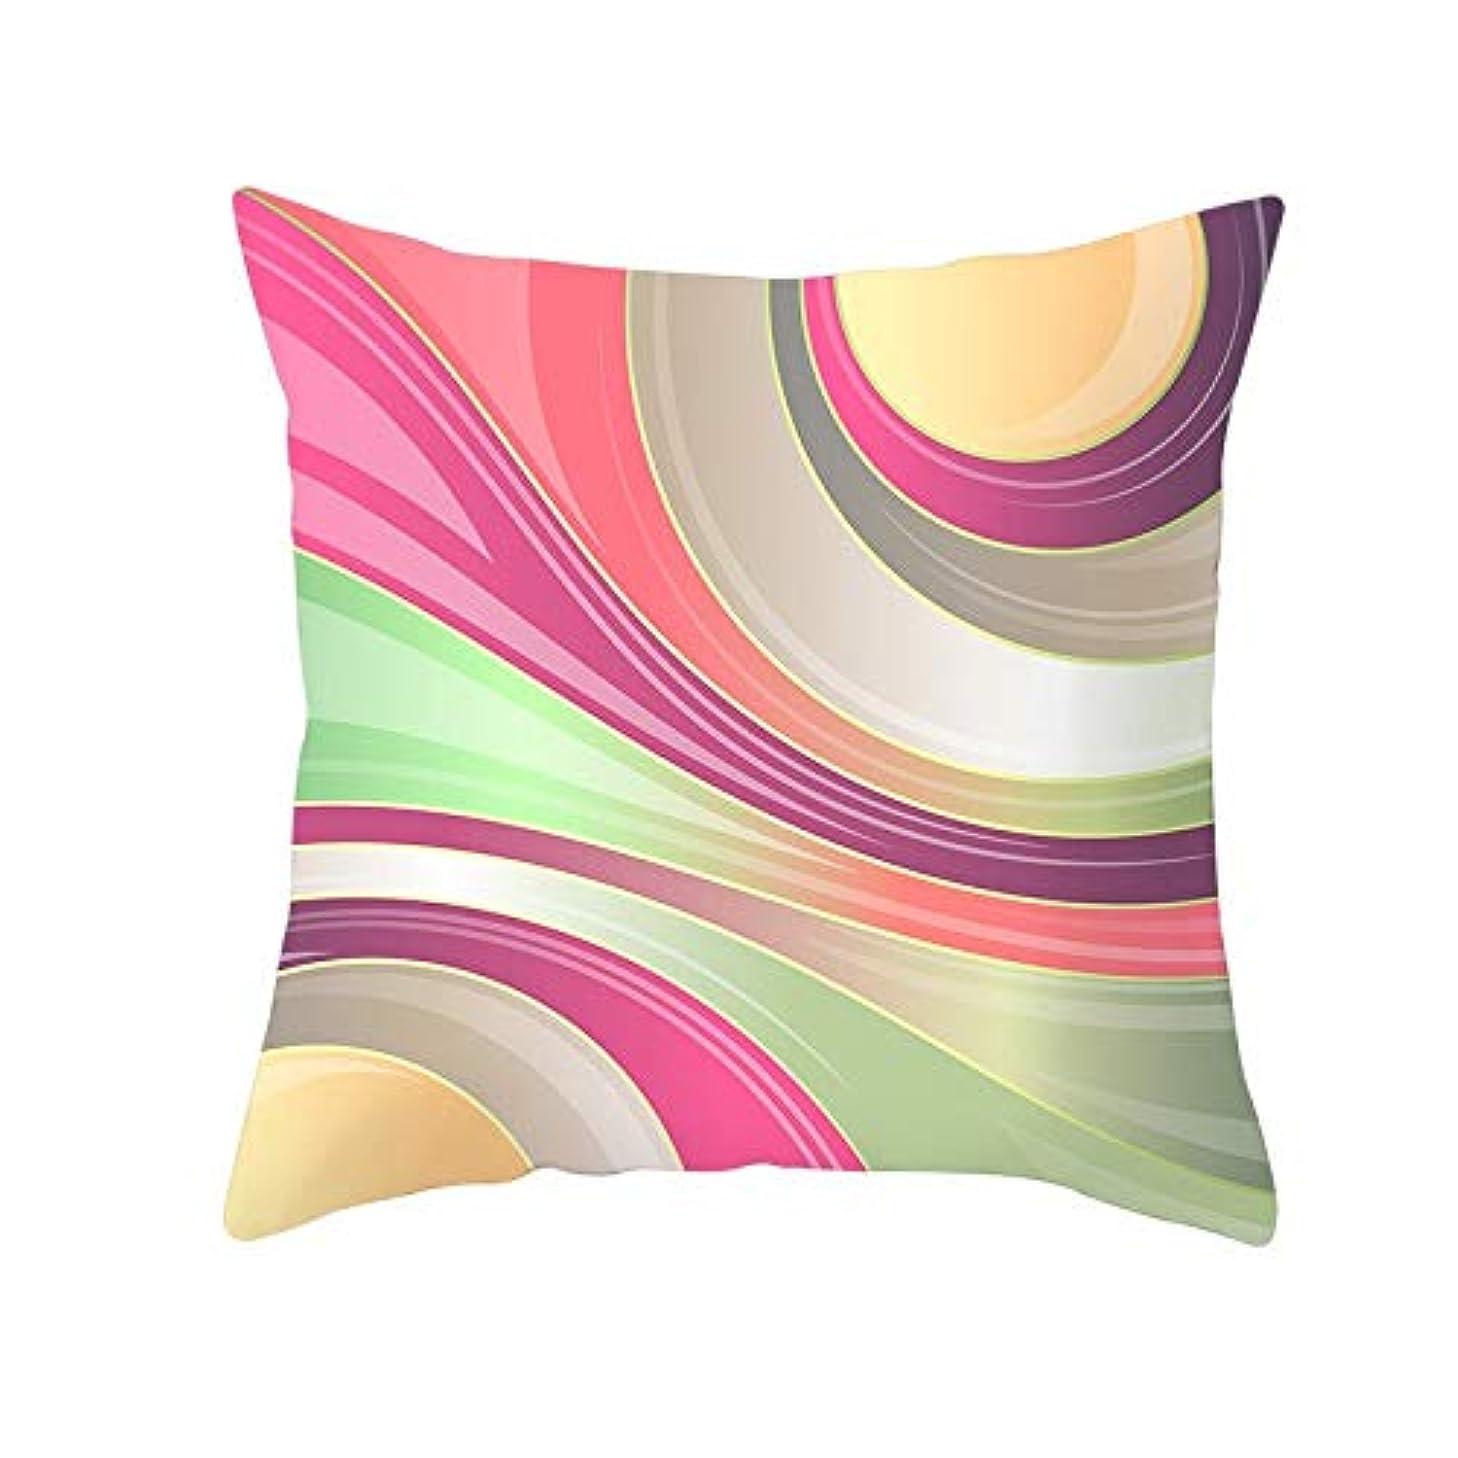 ペルー近傍スマートLIFE 装飾クッションソファ 幾何学プリントポリエステル正方形の枕ソファスロークッション家の装飾 coussin デ長椅子 クッション 椅子